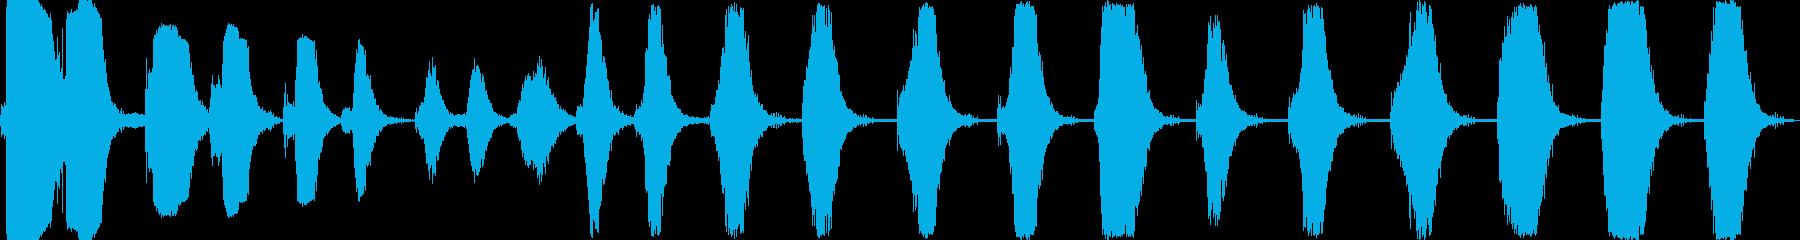 さまざまなマシンドリルの再生済みの波形